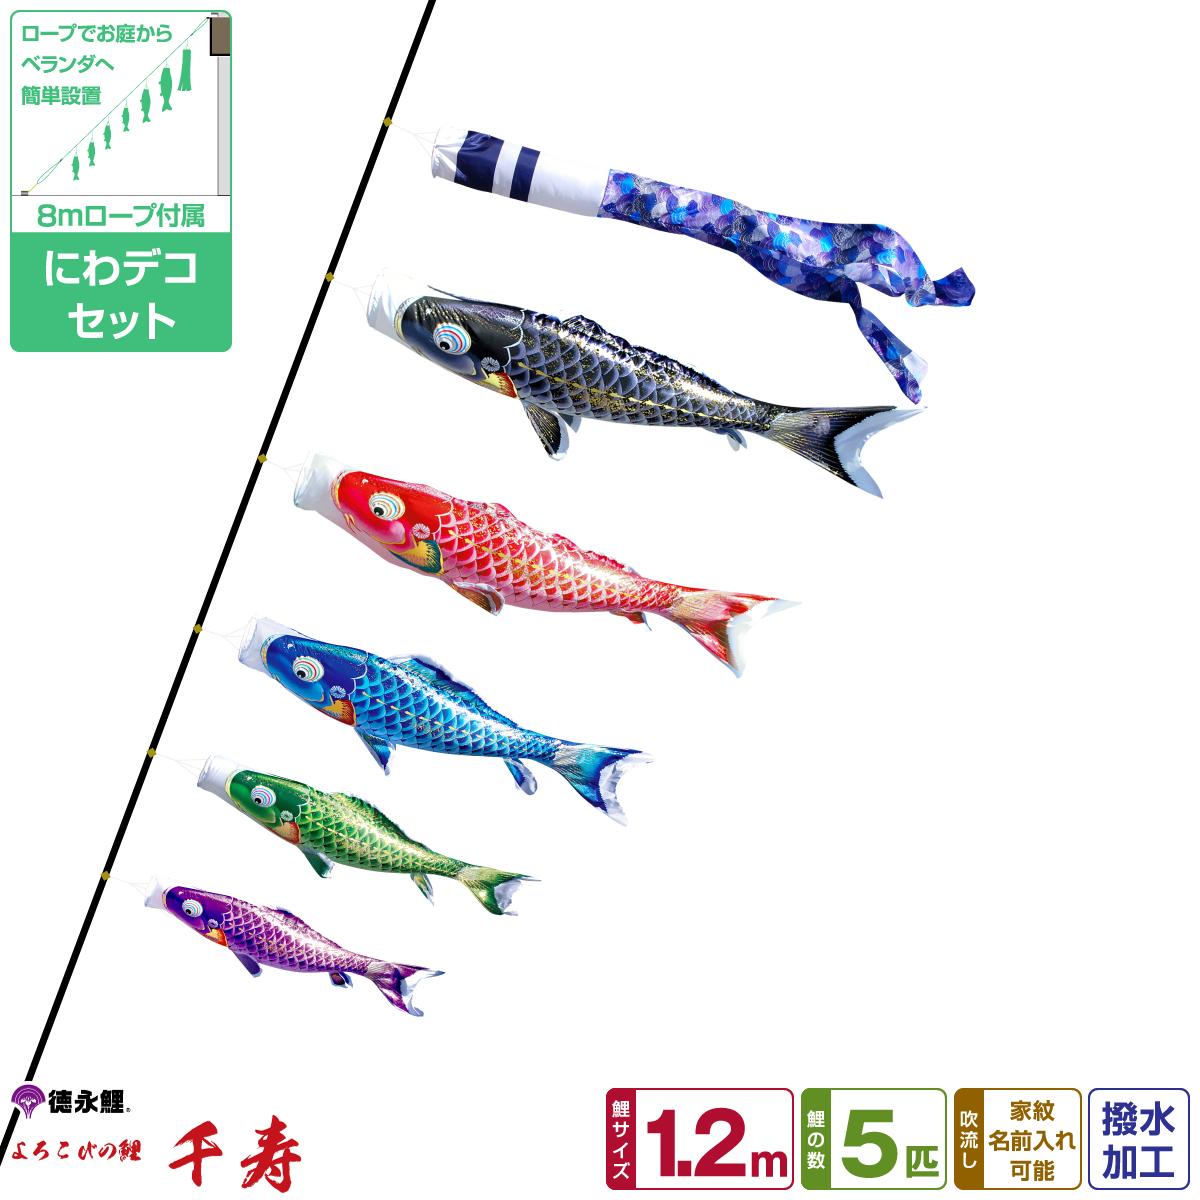 徳永鯉のぼり 千寿鯉 1.2m 8点セット にわデコセット 2019年初節句 端午の節句 こどもの日 こいのぼり